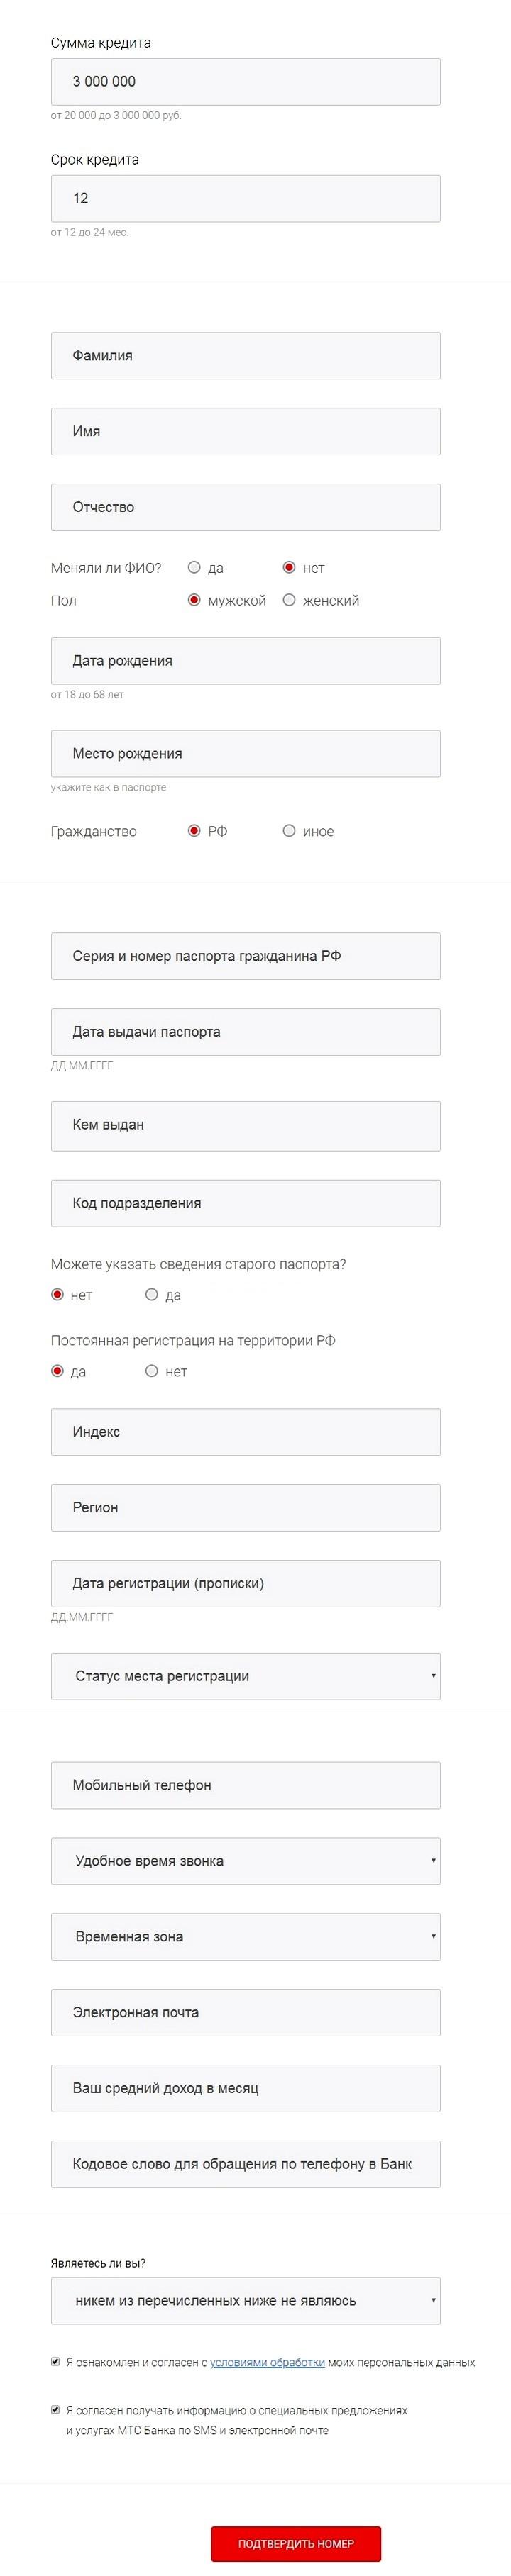 онлайн-заявка на кредит в мтс банке